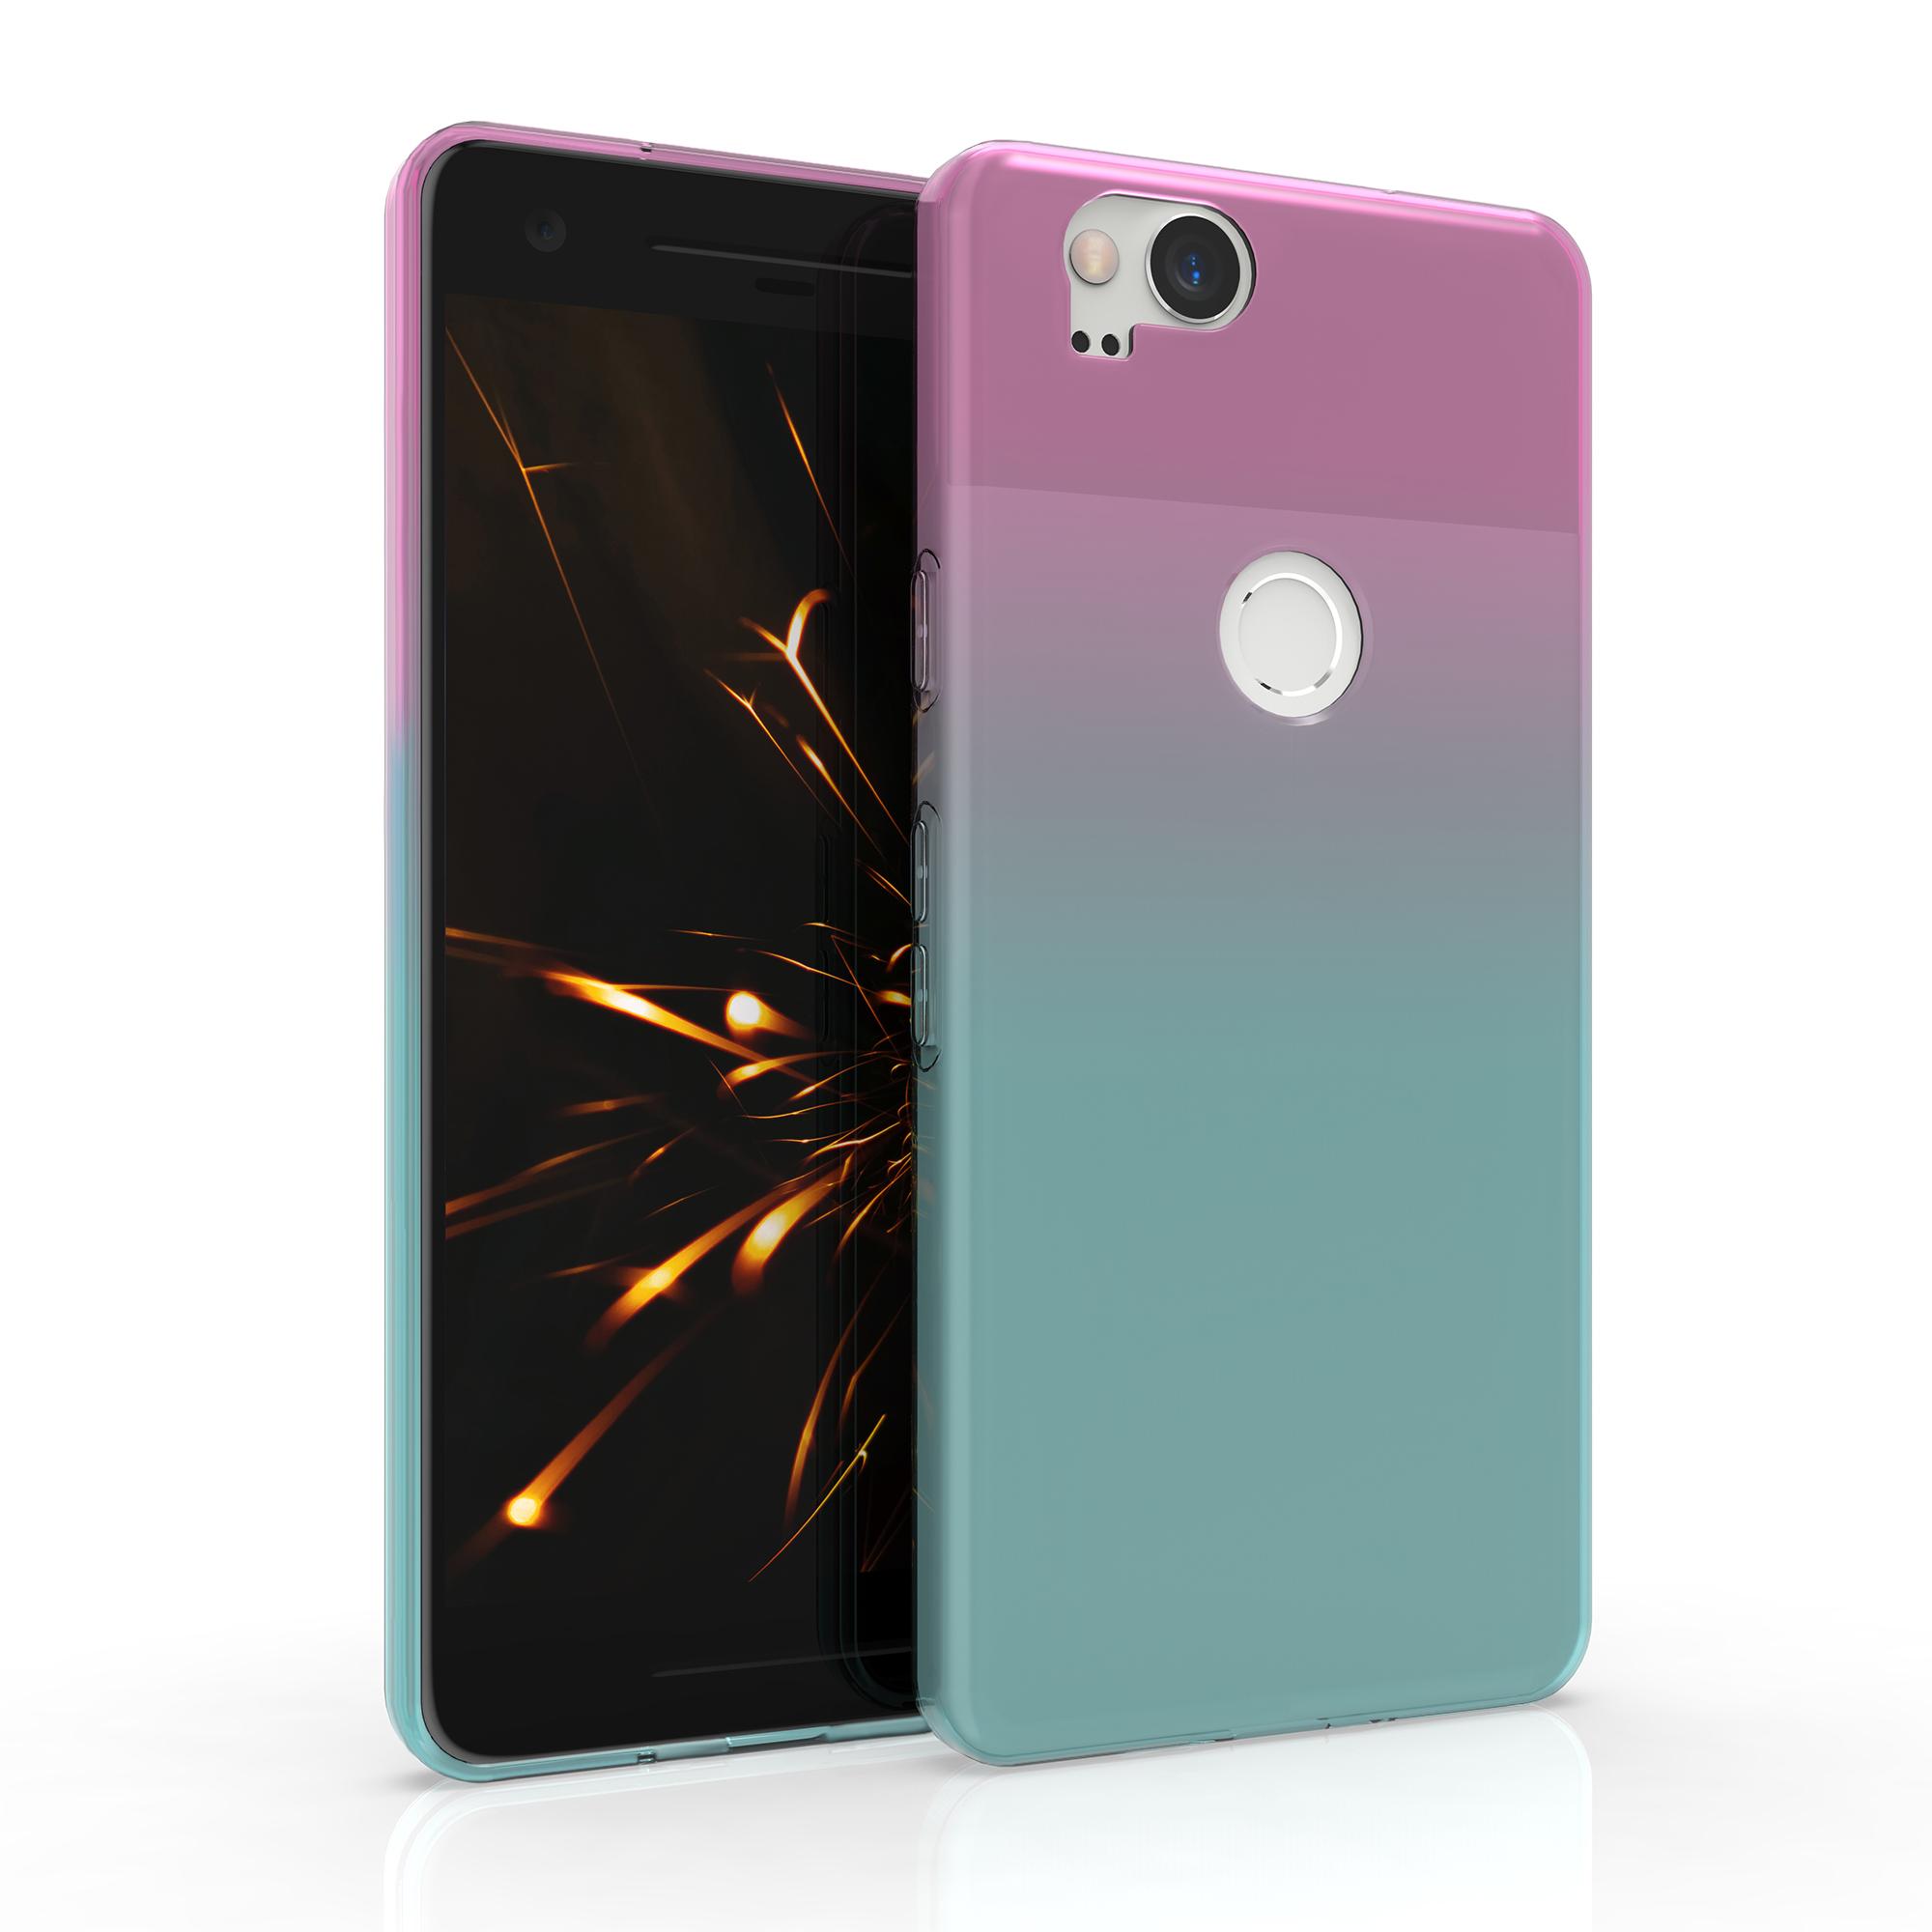 Kvalitní silikonové TPU pouzdro   obal pro Google Pixel 2 - Dvoubarevný tmavě růžový / modrý / průhledný